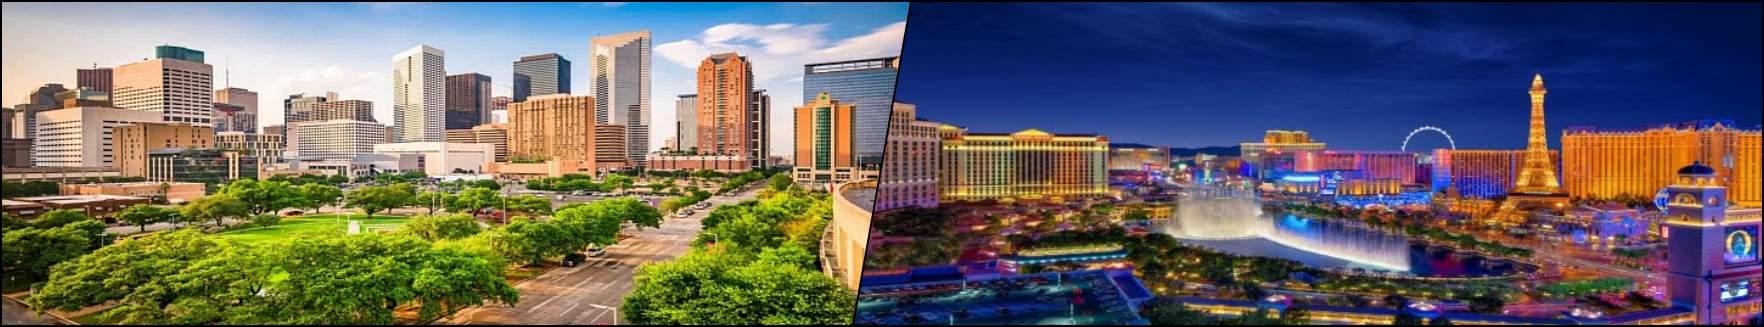 Houston - Las Vegas